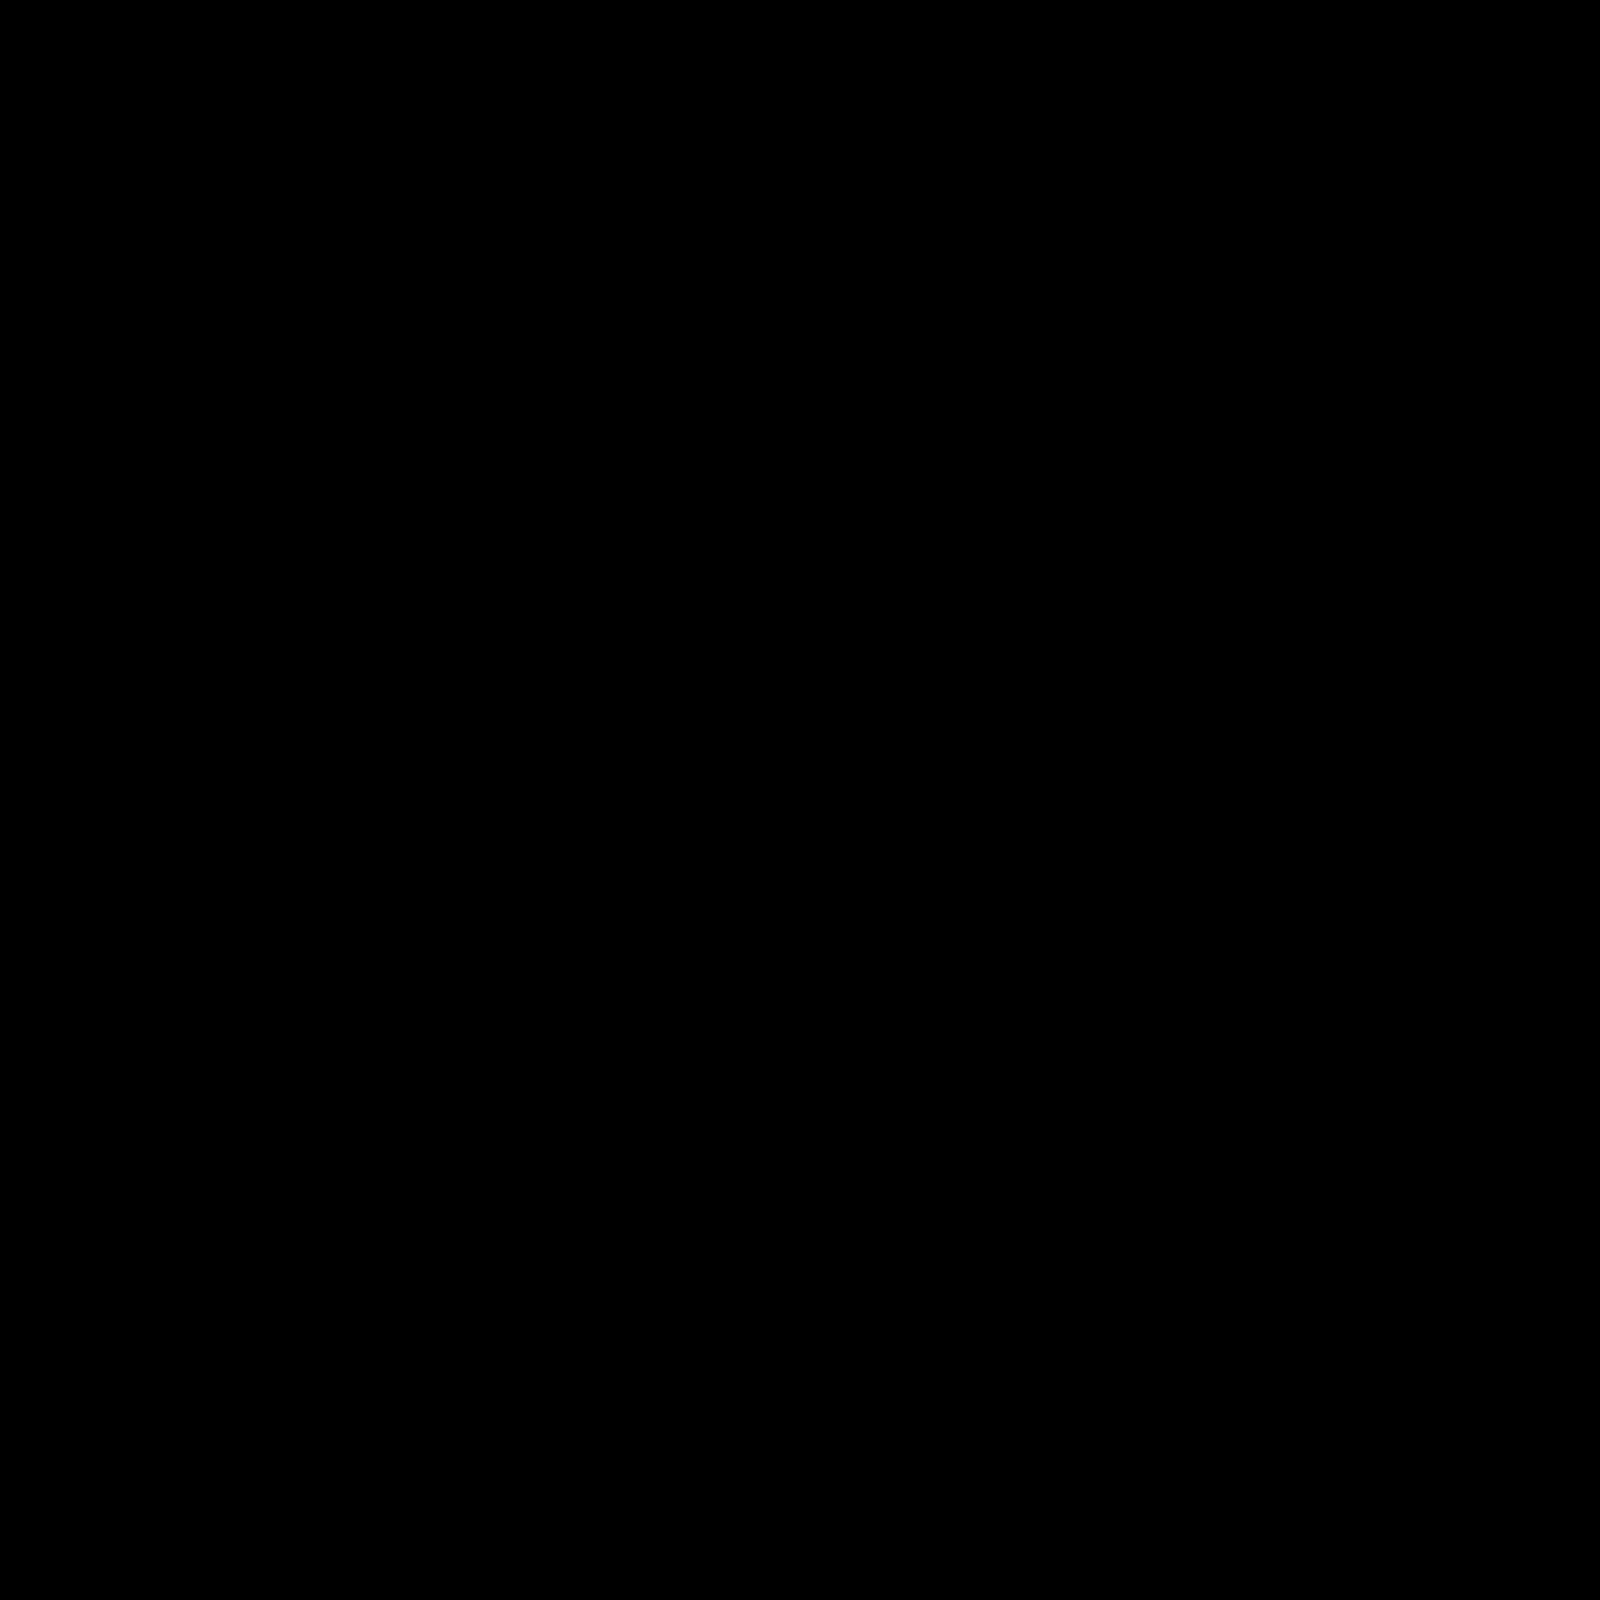 女性 icon